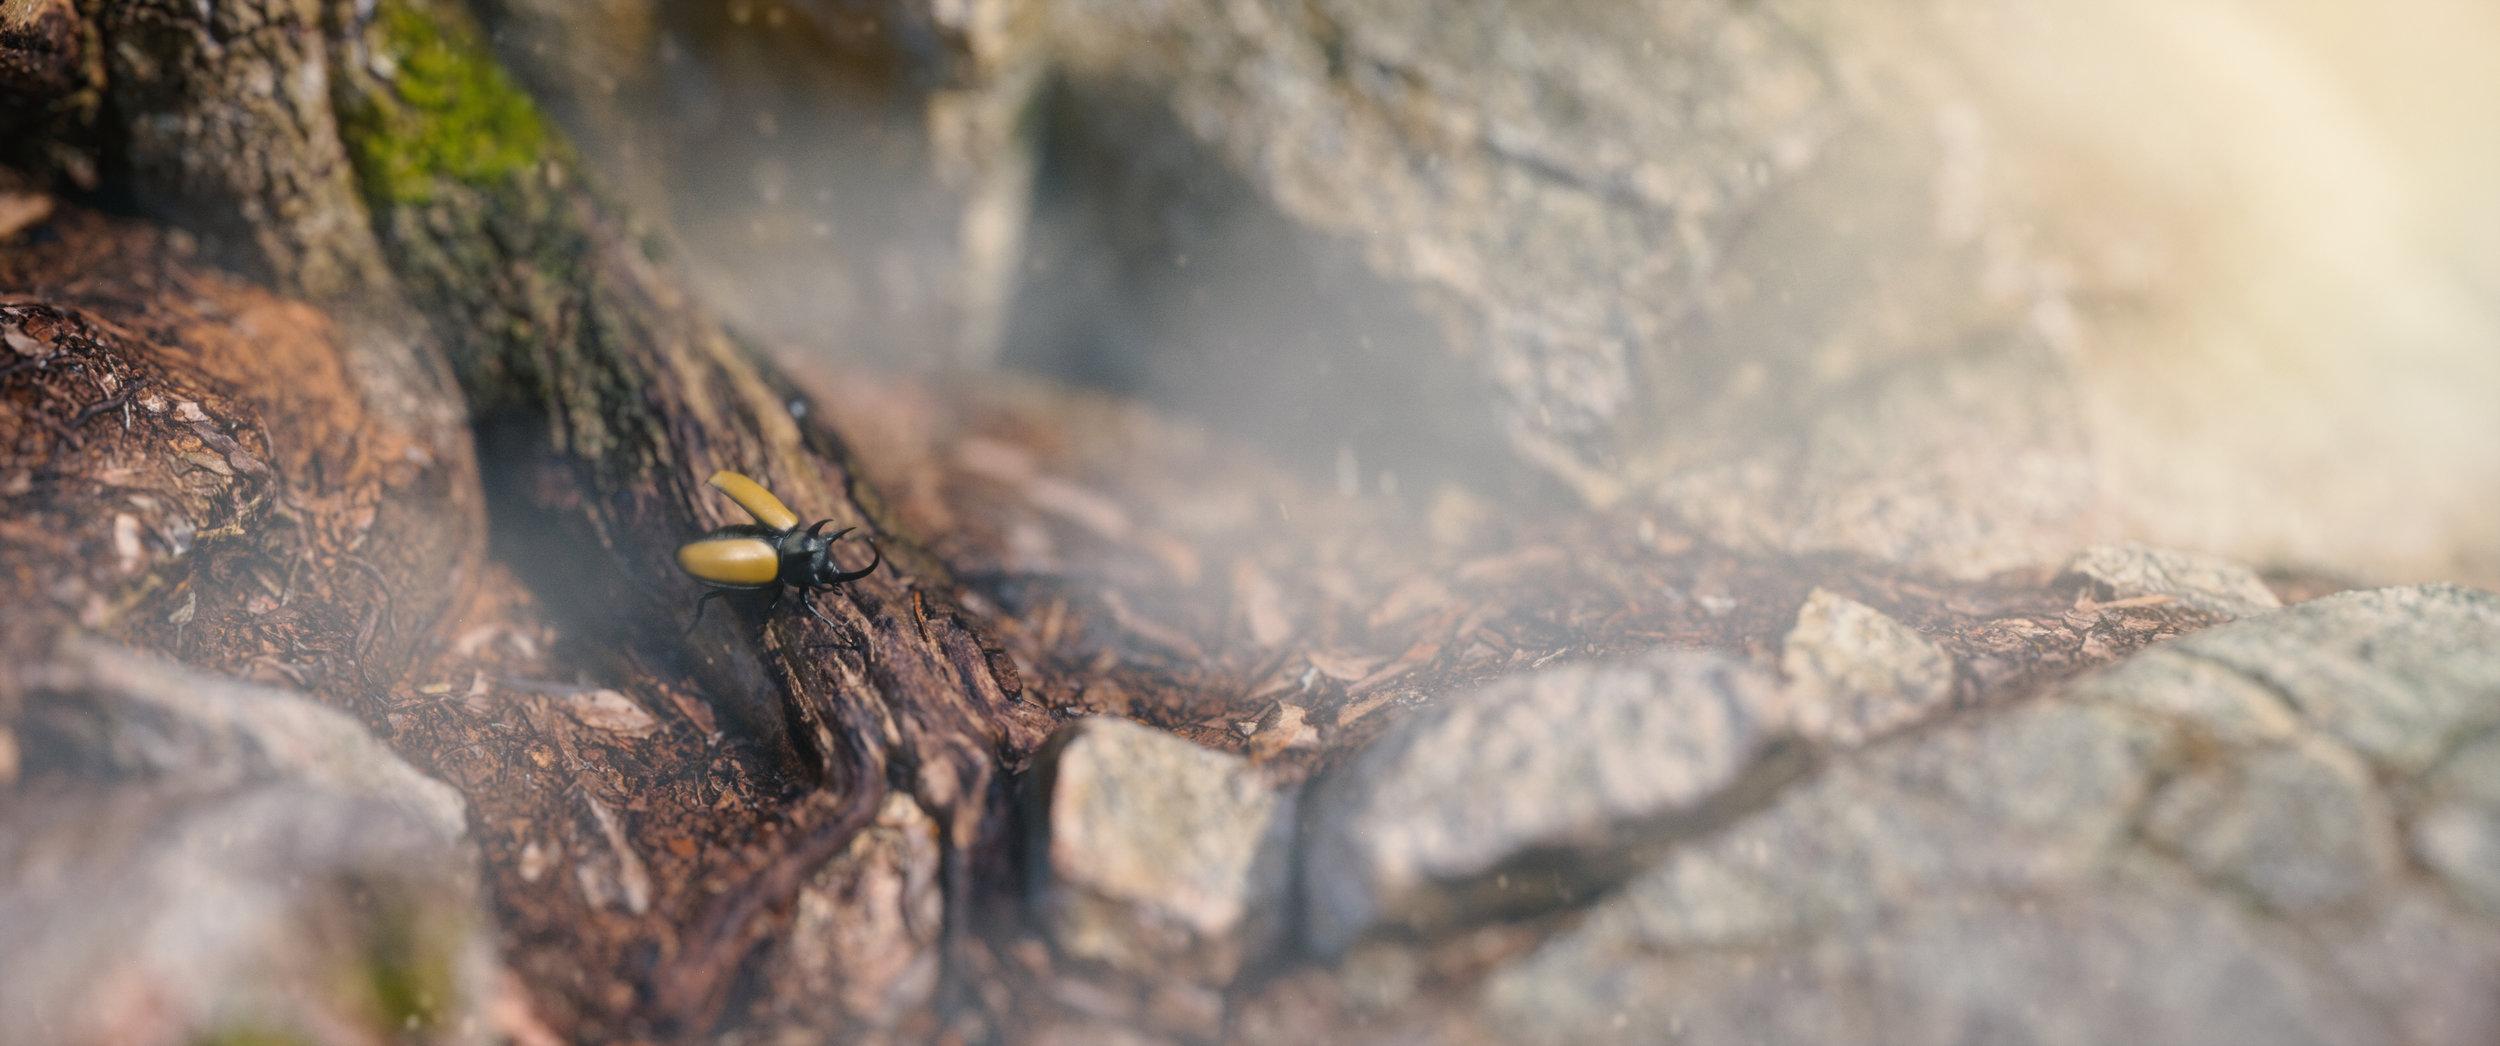 beetle.001.jpg